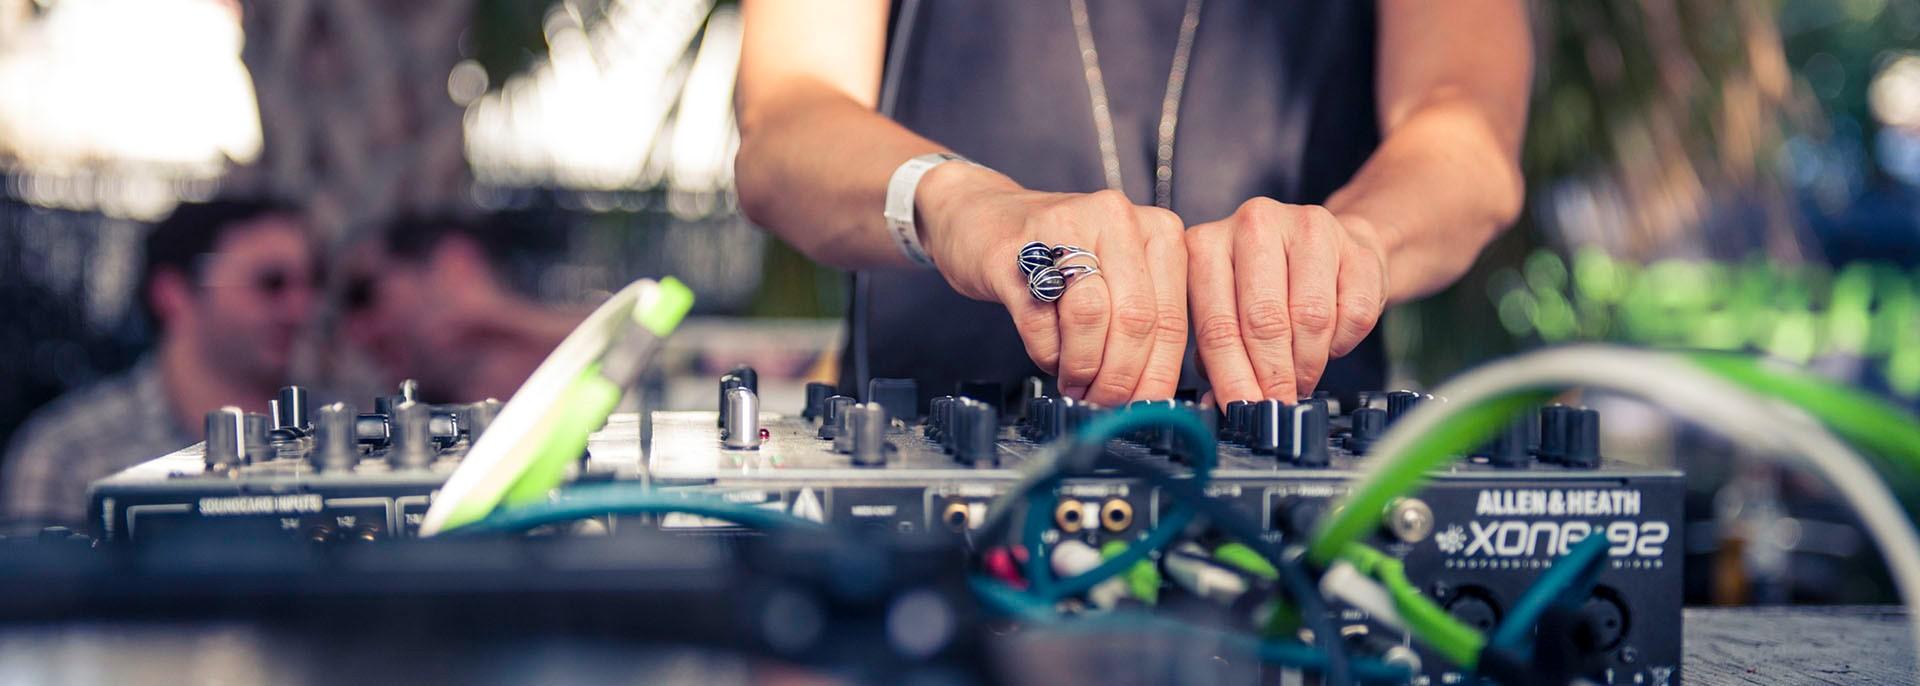 DJ mixing at a festival